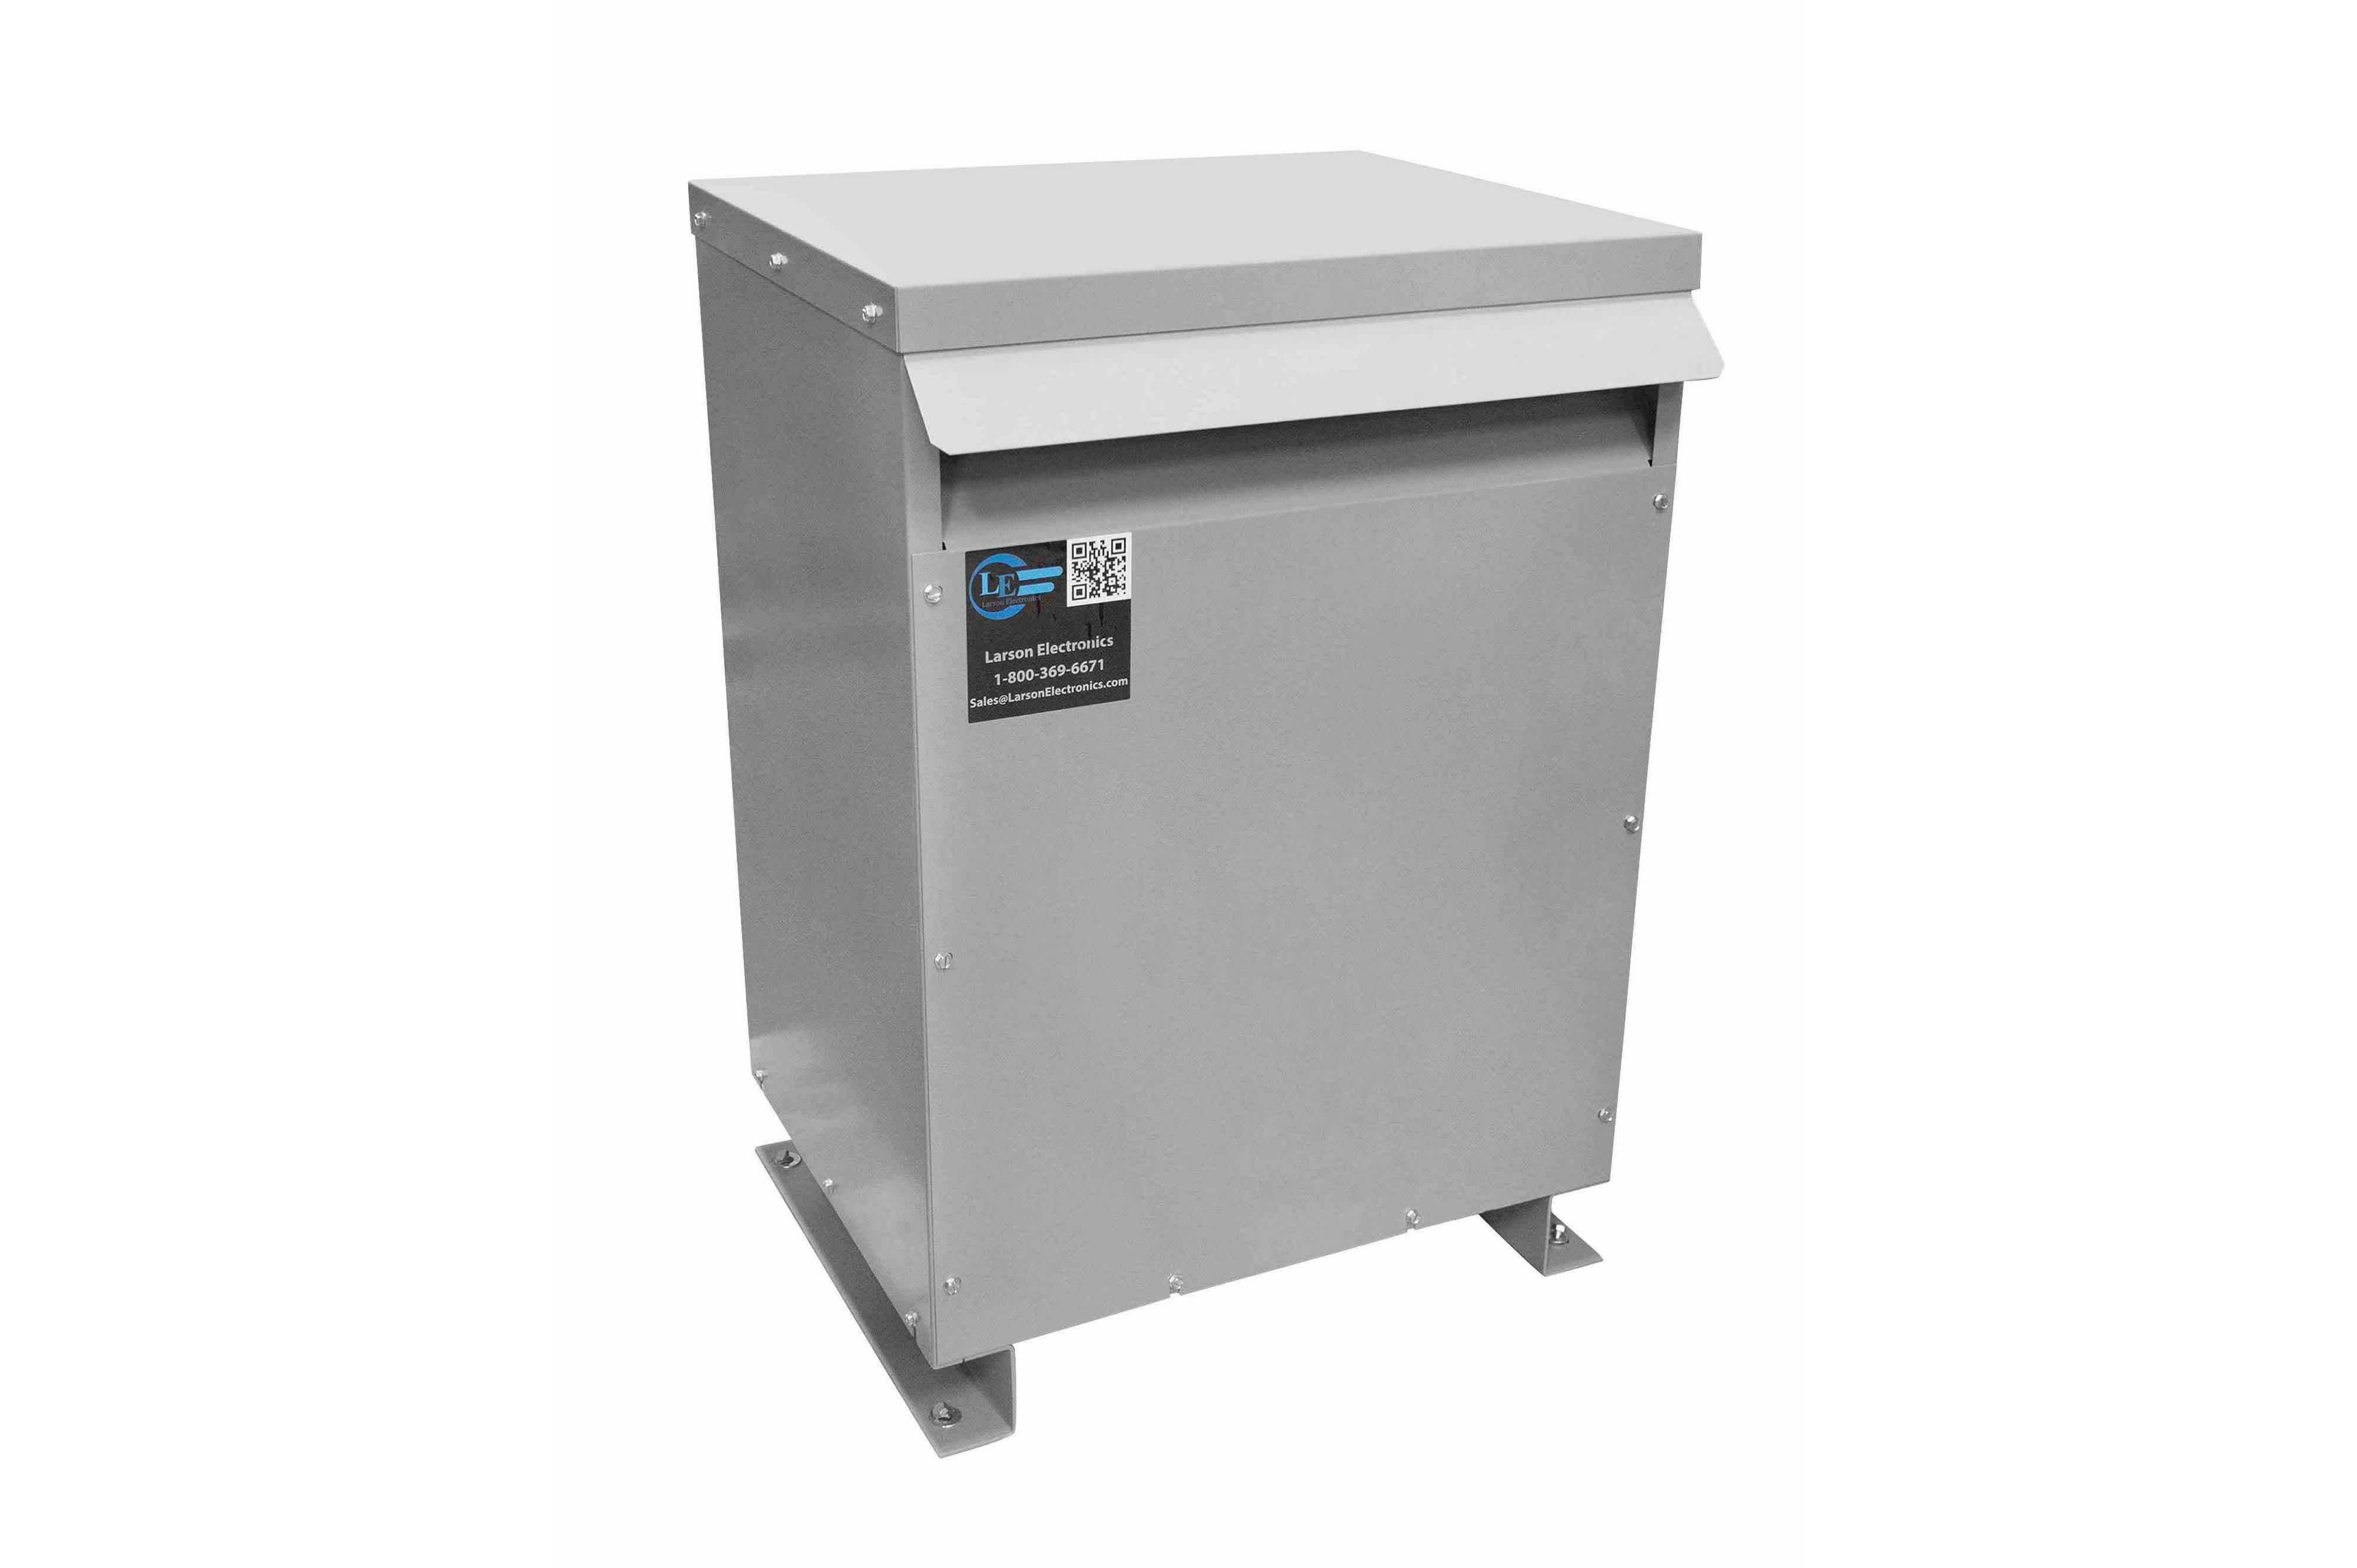 10 kVA 3PH Isolation Transformer, 460V Delta Primary, 380V Delta Secondary, N3R, Ventilated, 60 Hz